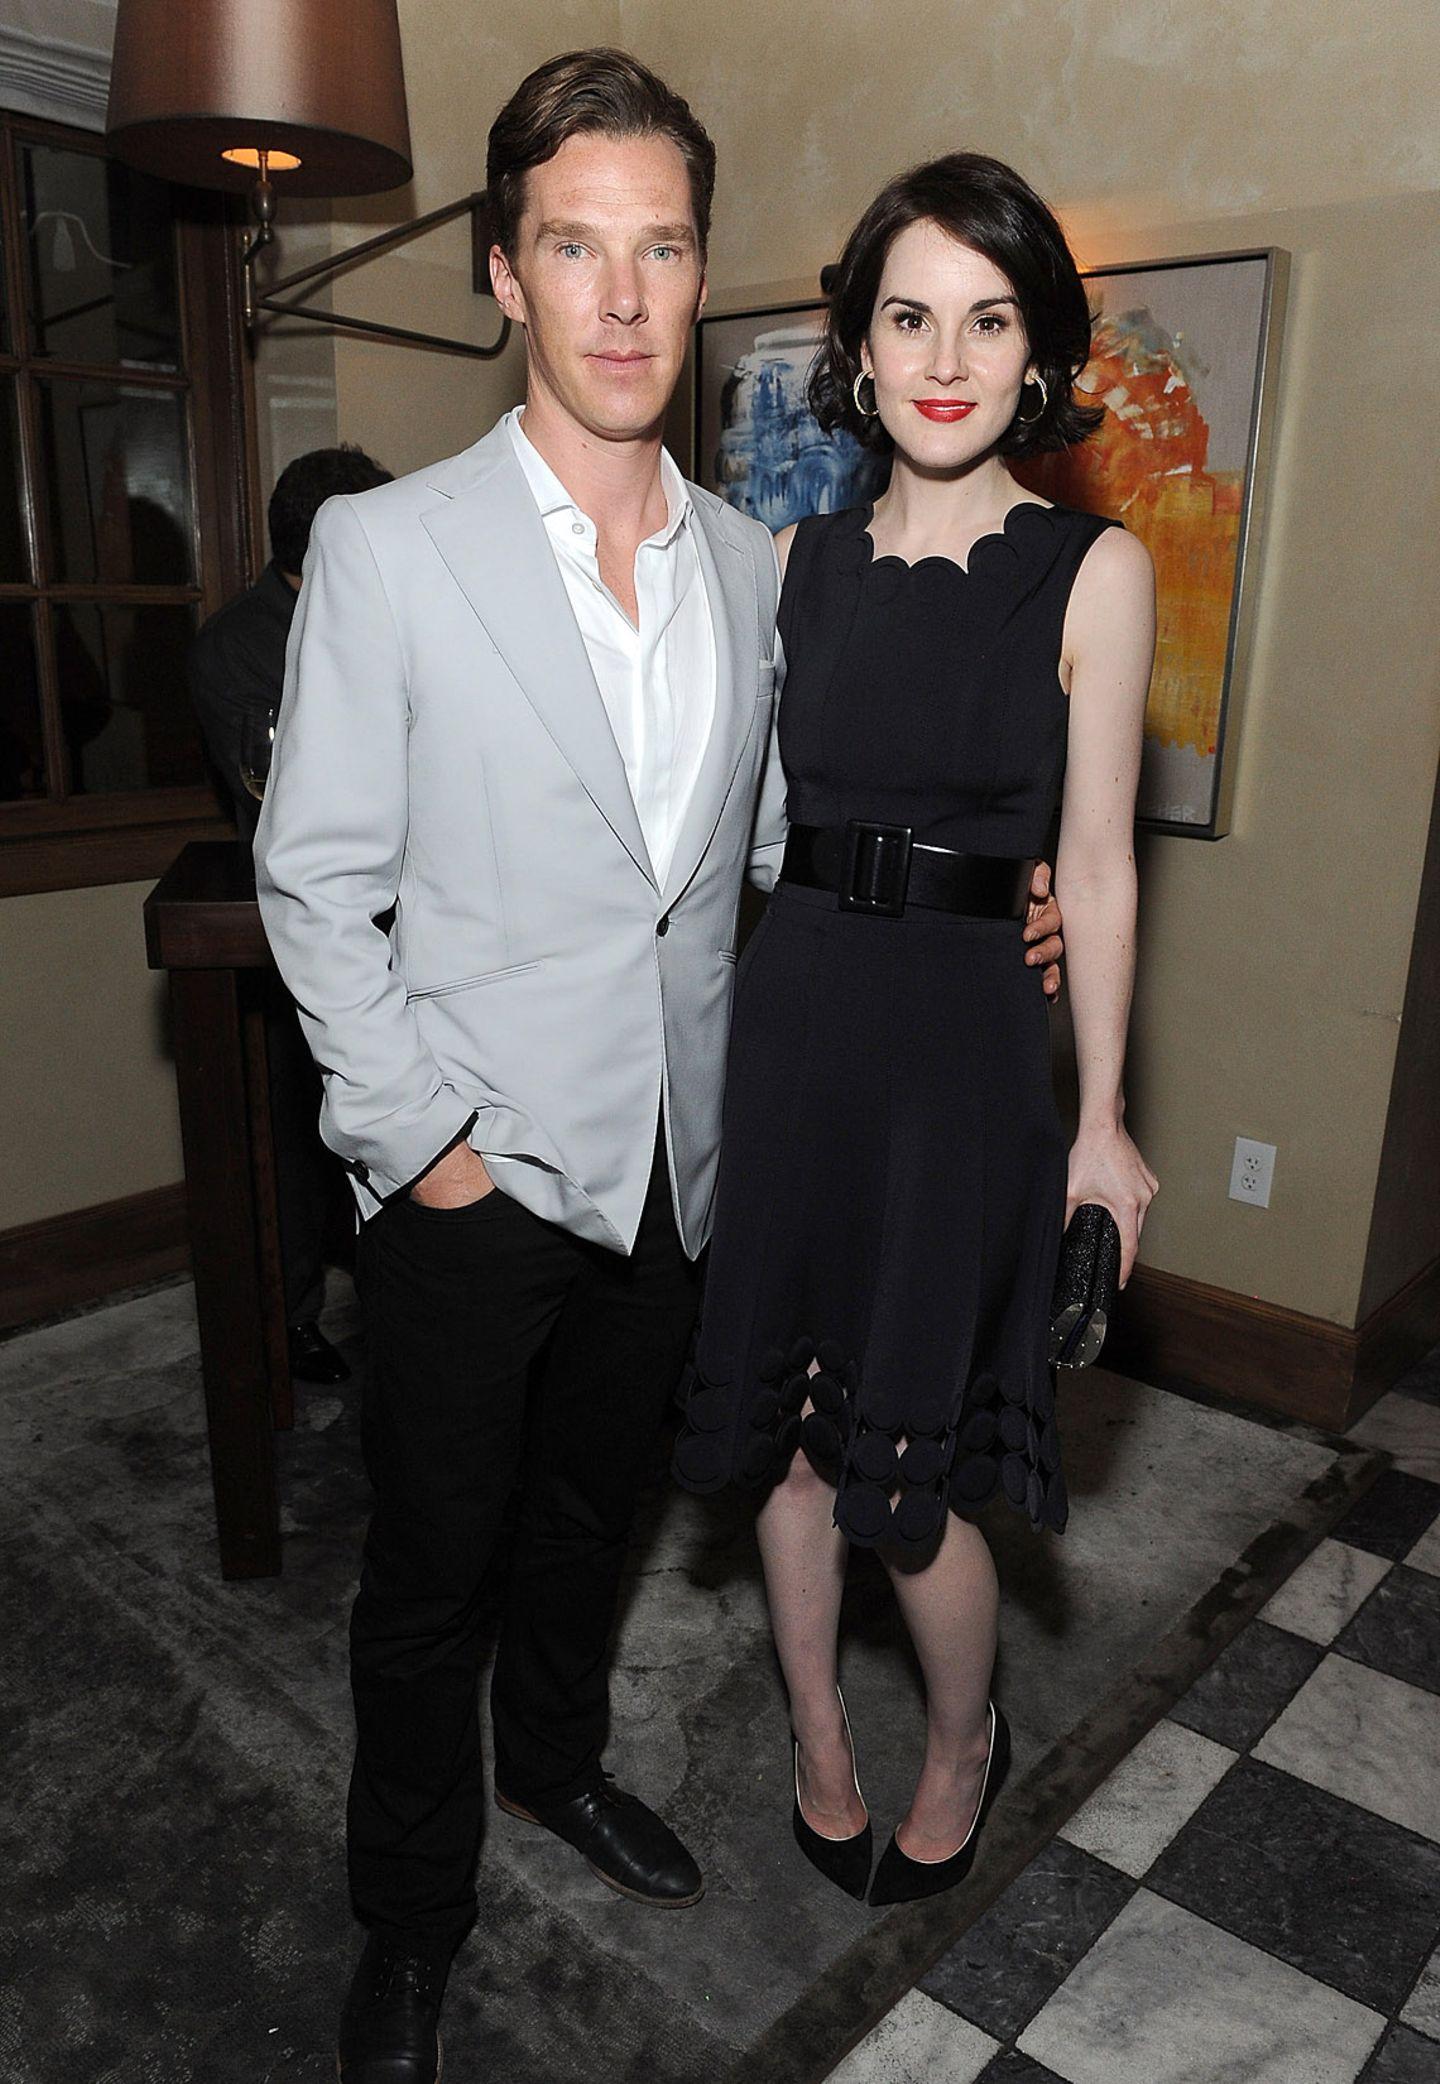 """Michelles BBC-Kollege und """"Sherlock""""-Star Benedict Cumberbatch ist mit seinen 1,83 Metern aber noch ganze 10 Zentimeter größer."""